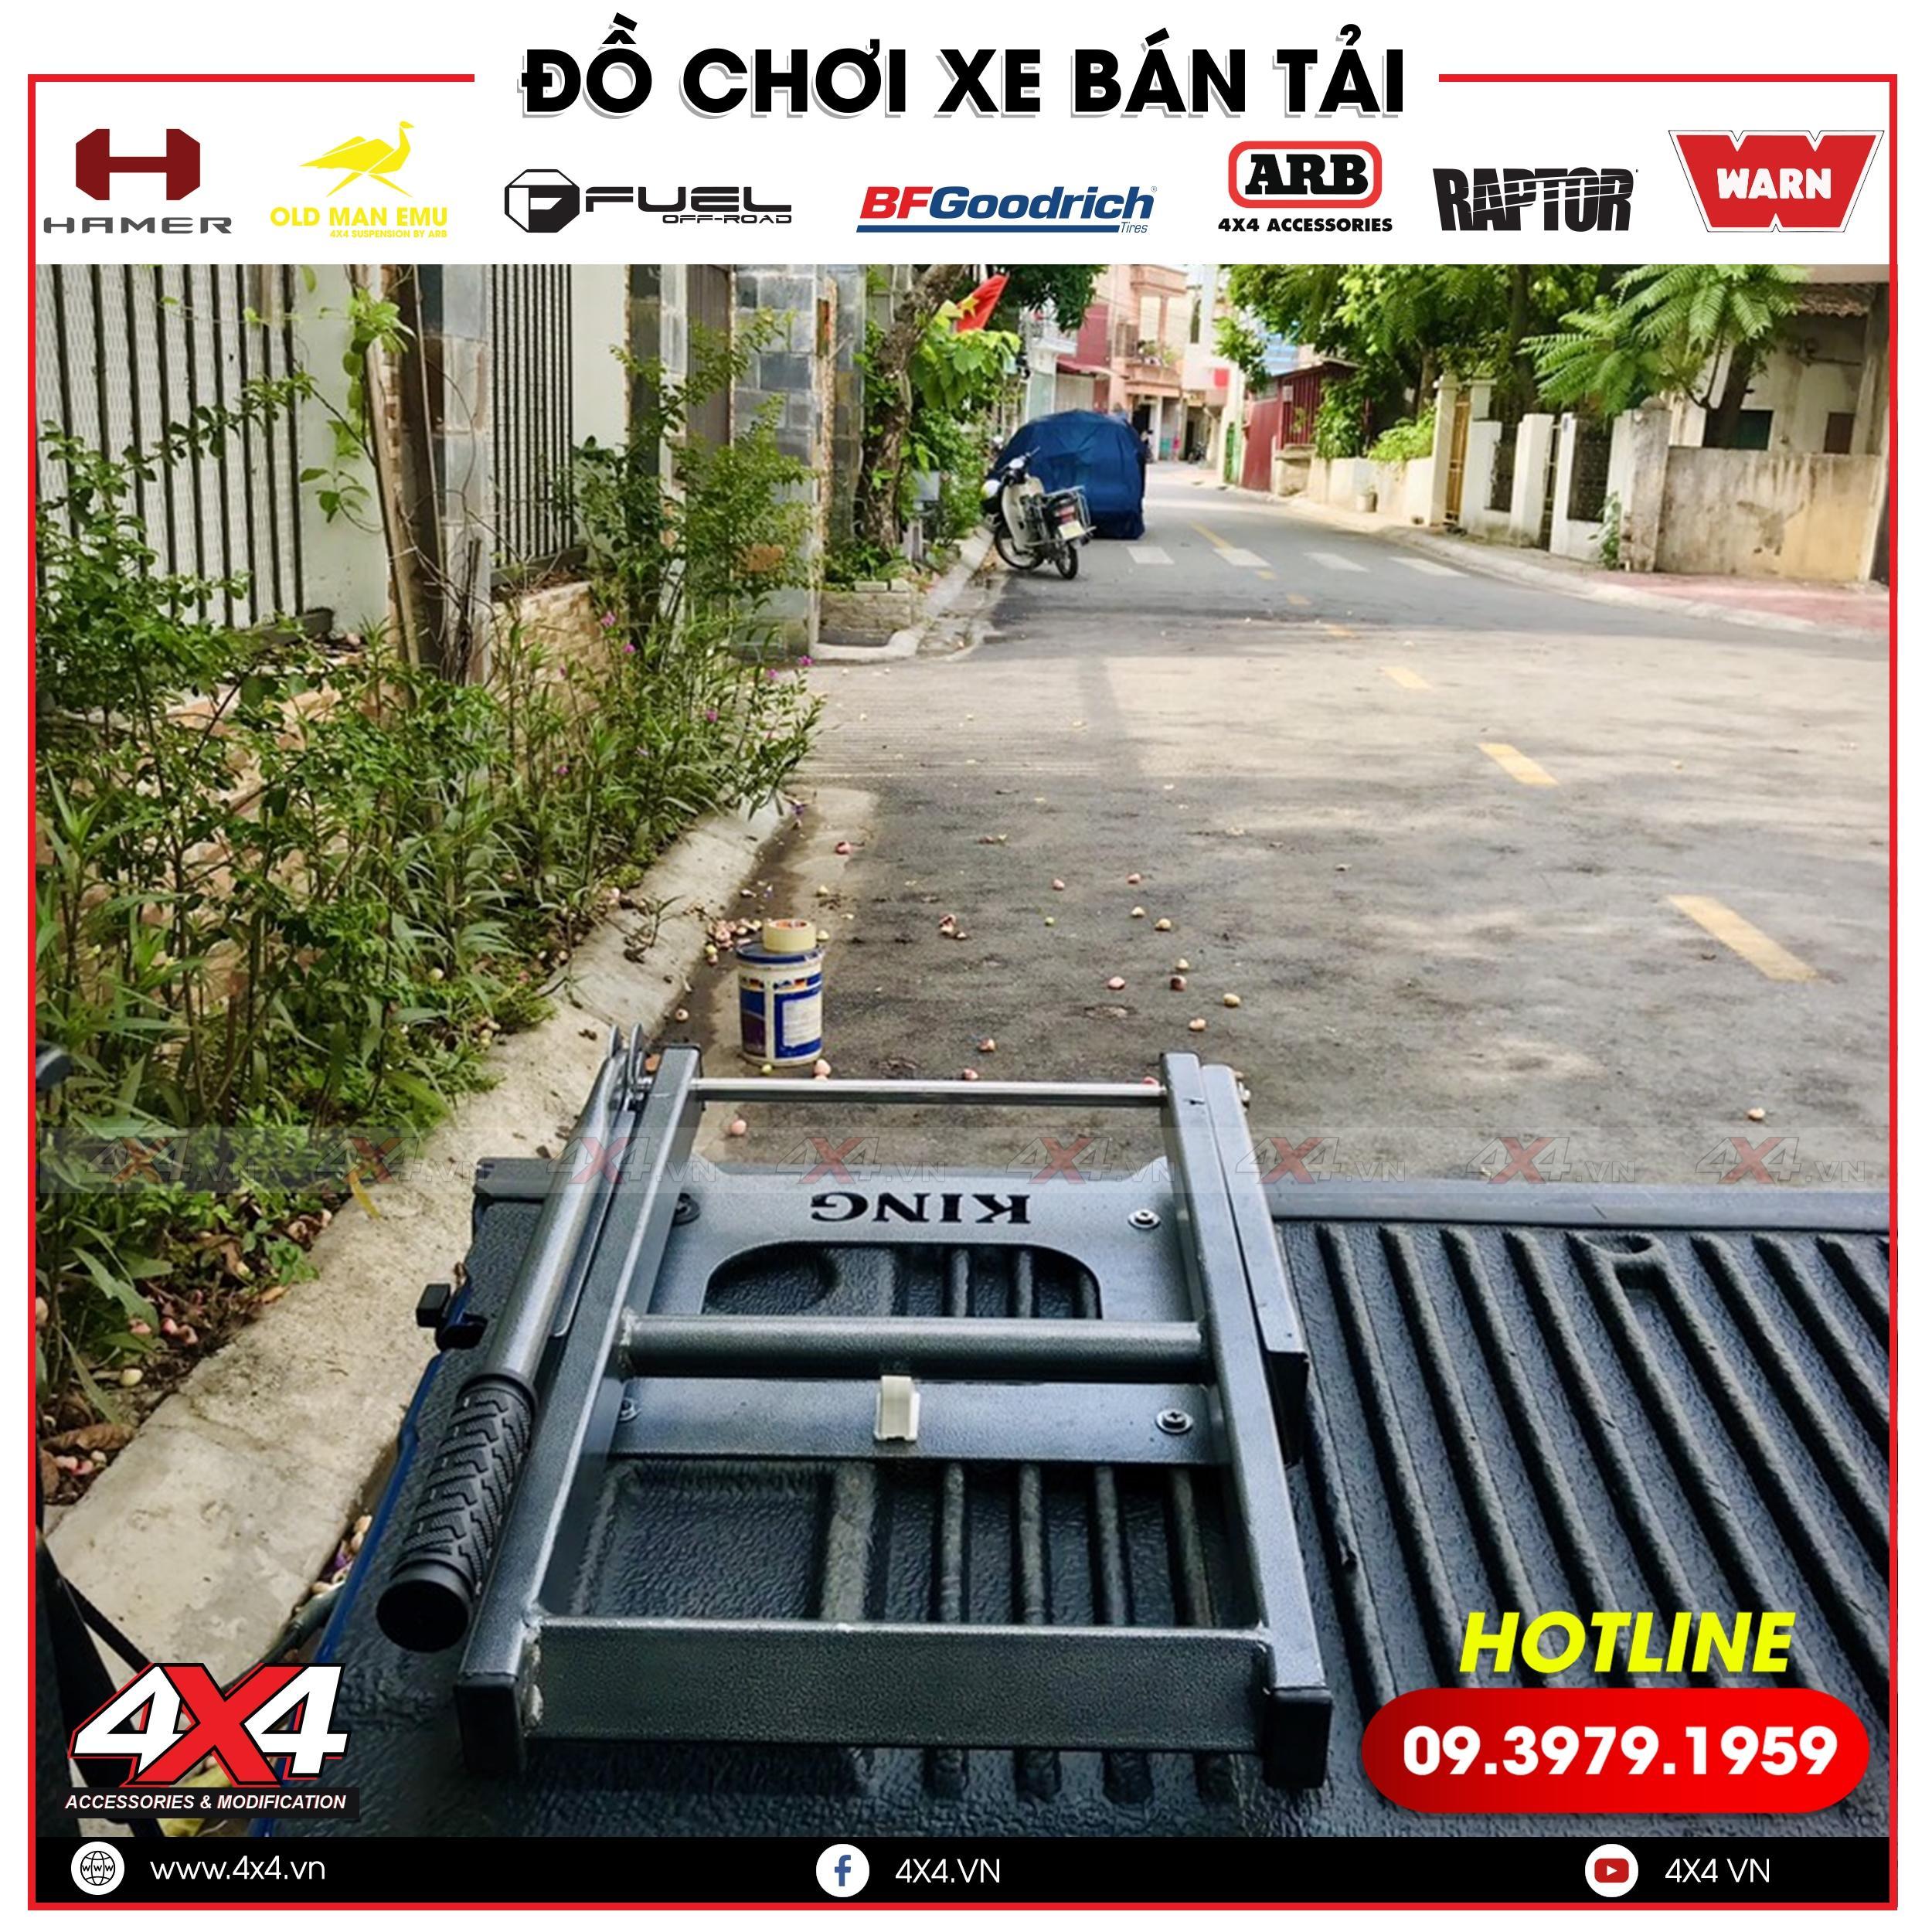 Gắn bậc lên xuống thùng sau xe Bán tải 2020 thêm dễ dàng tại gara độ 4x4